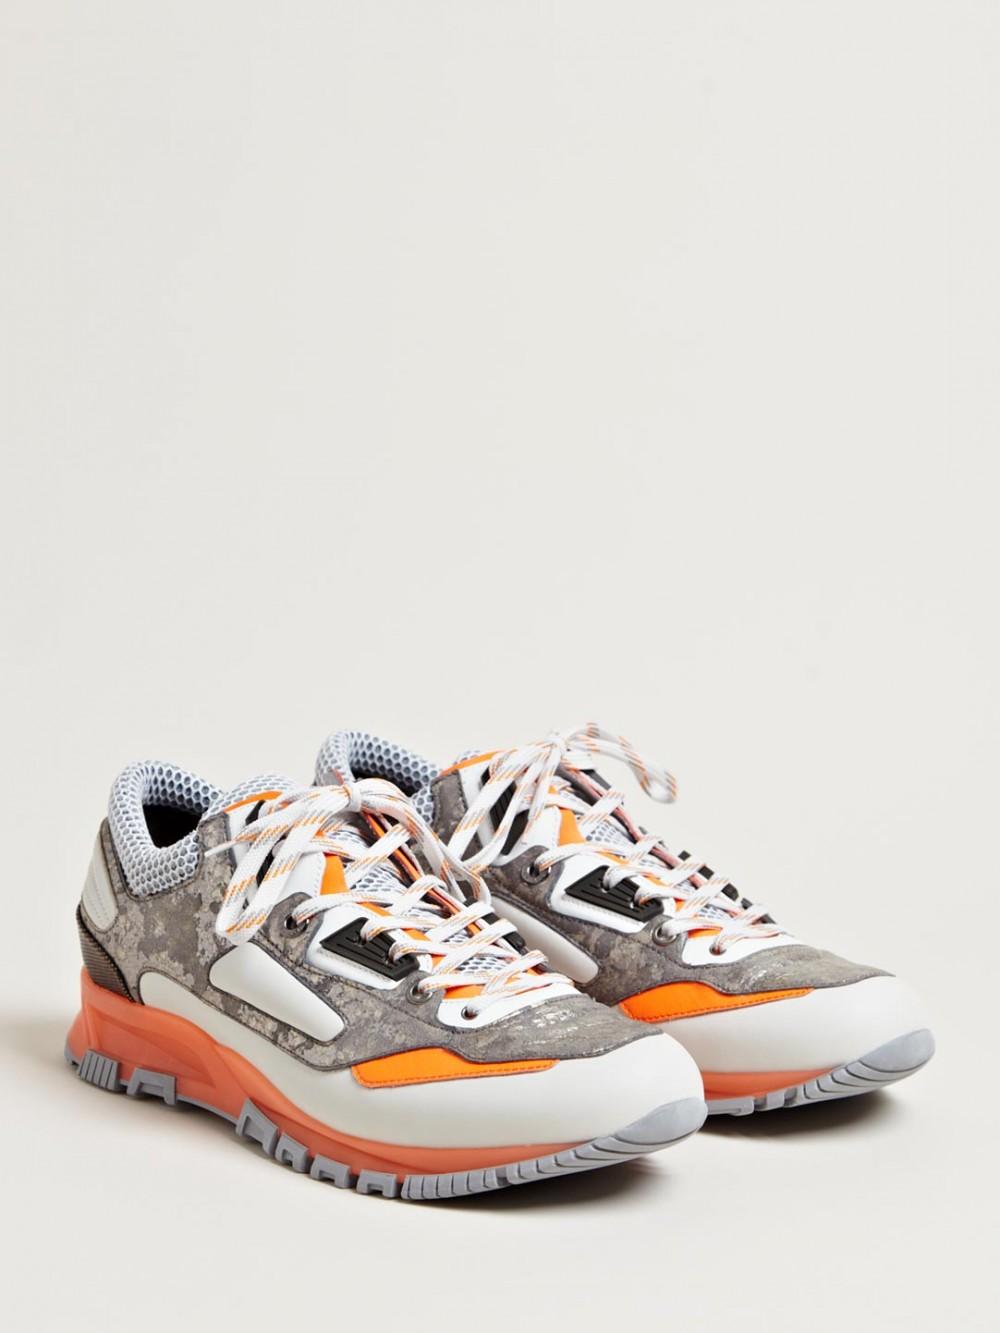 LANVIN Calfskin Running Shoe aw13 collection 2